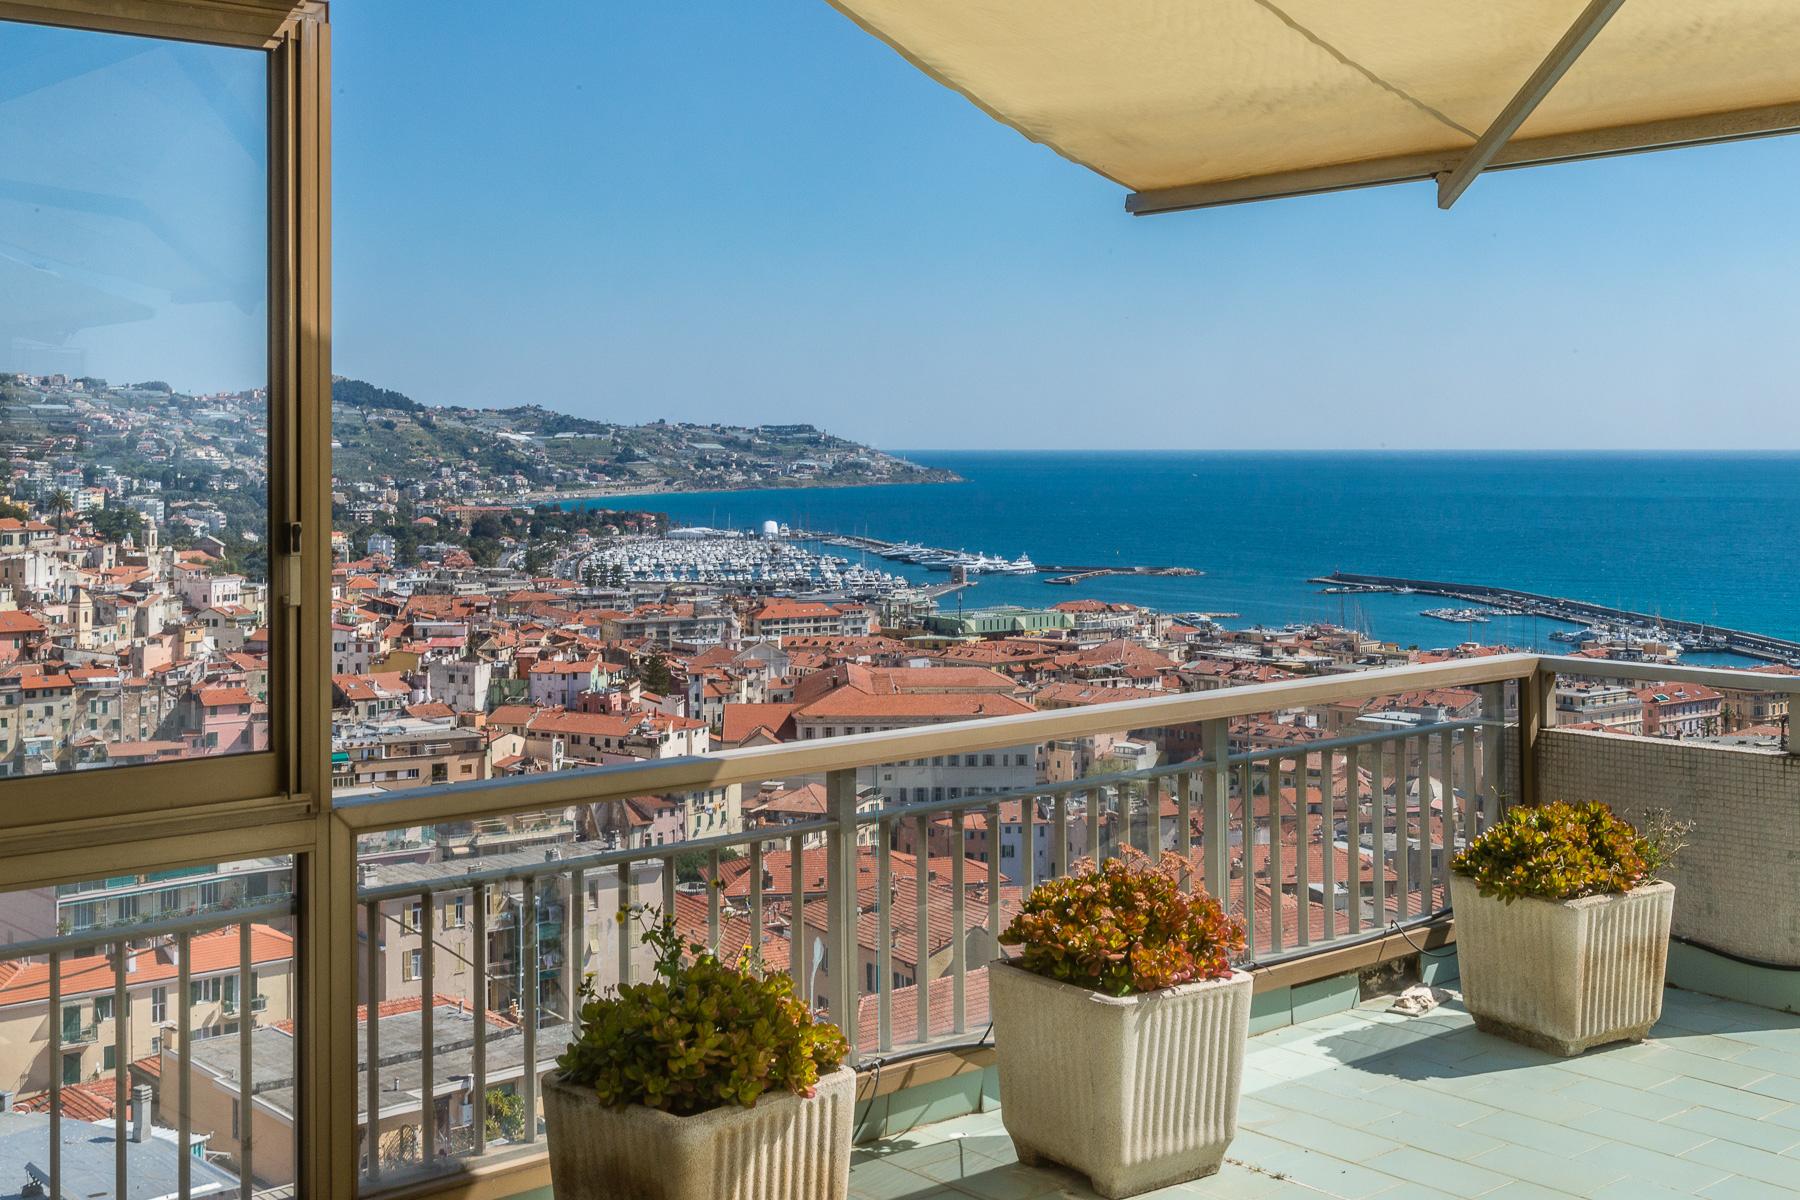 Appartamento in Vendita a Sanremo: 4 locali, 120 mq - Foto 9